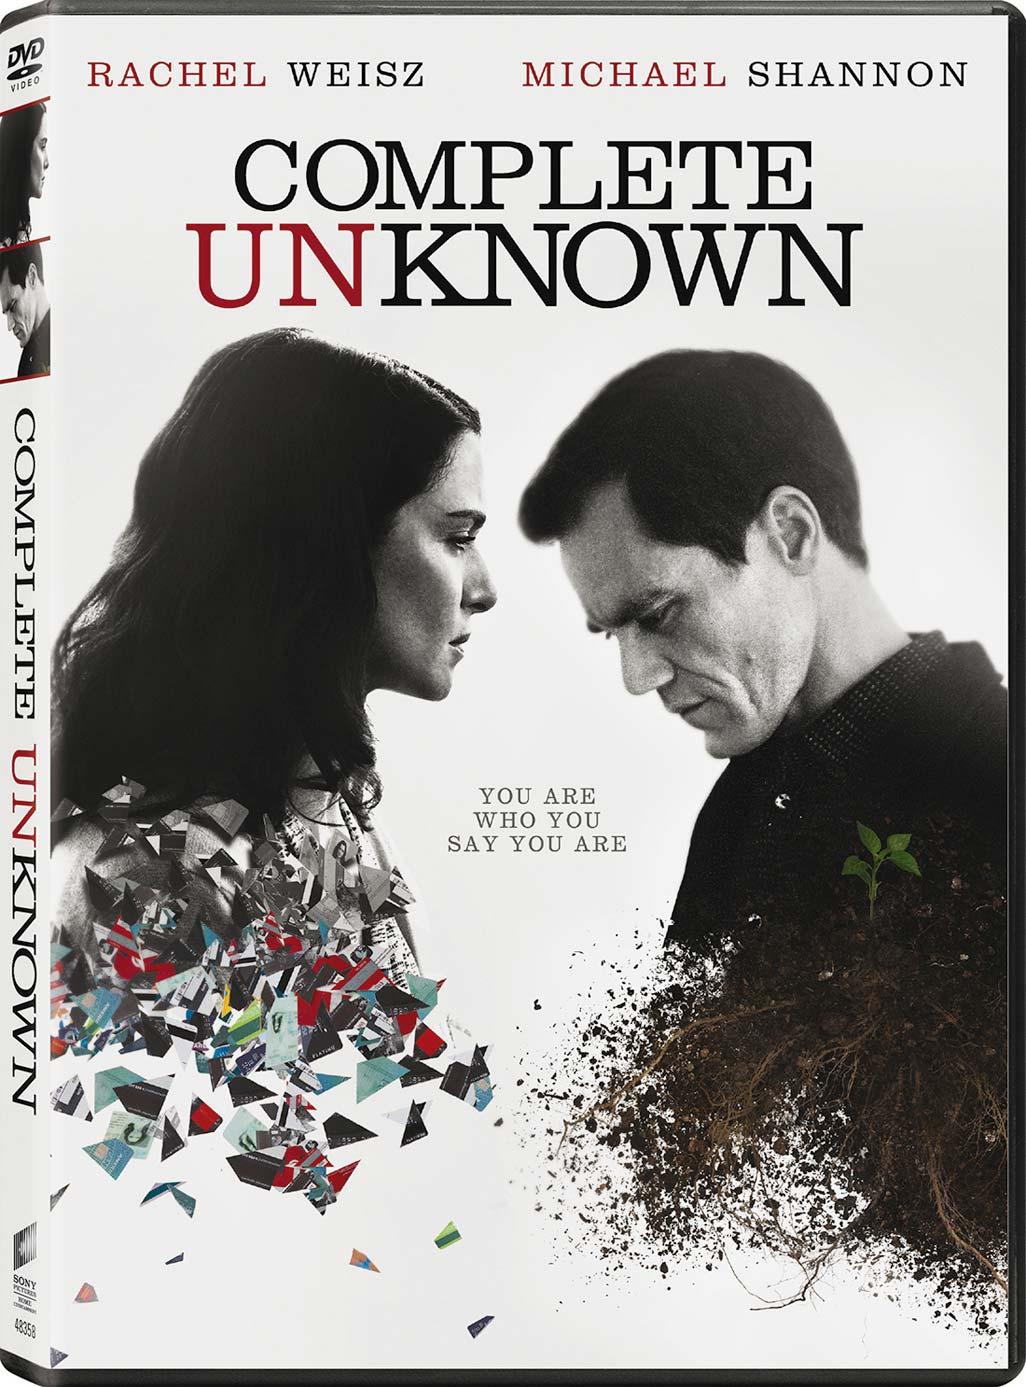 COMPLETE UNKNOWN - CAMBIO DI IDENTITA'* (DVD)